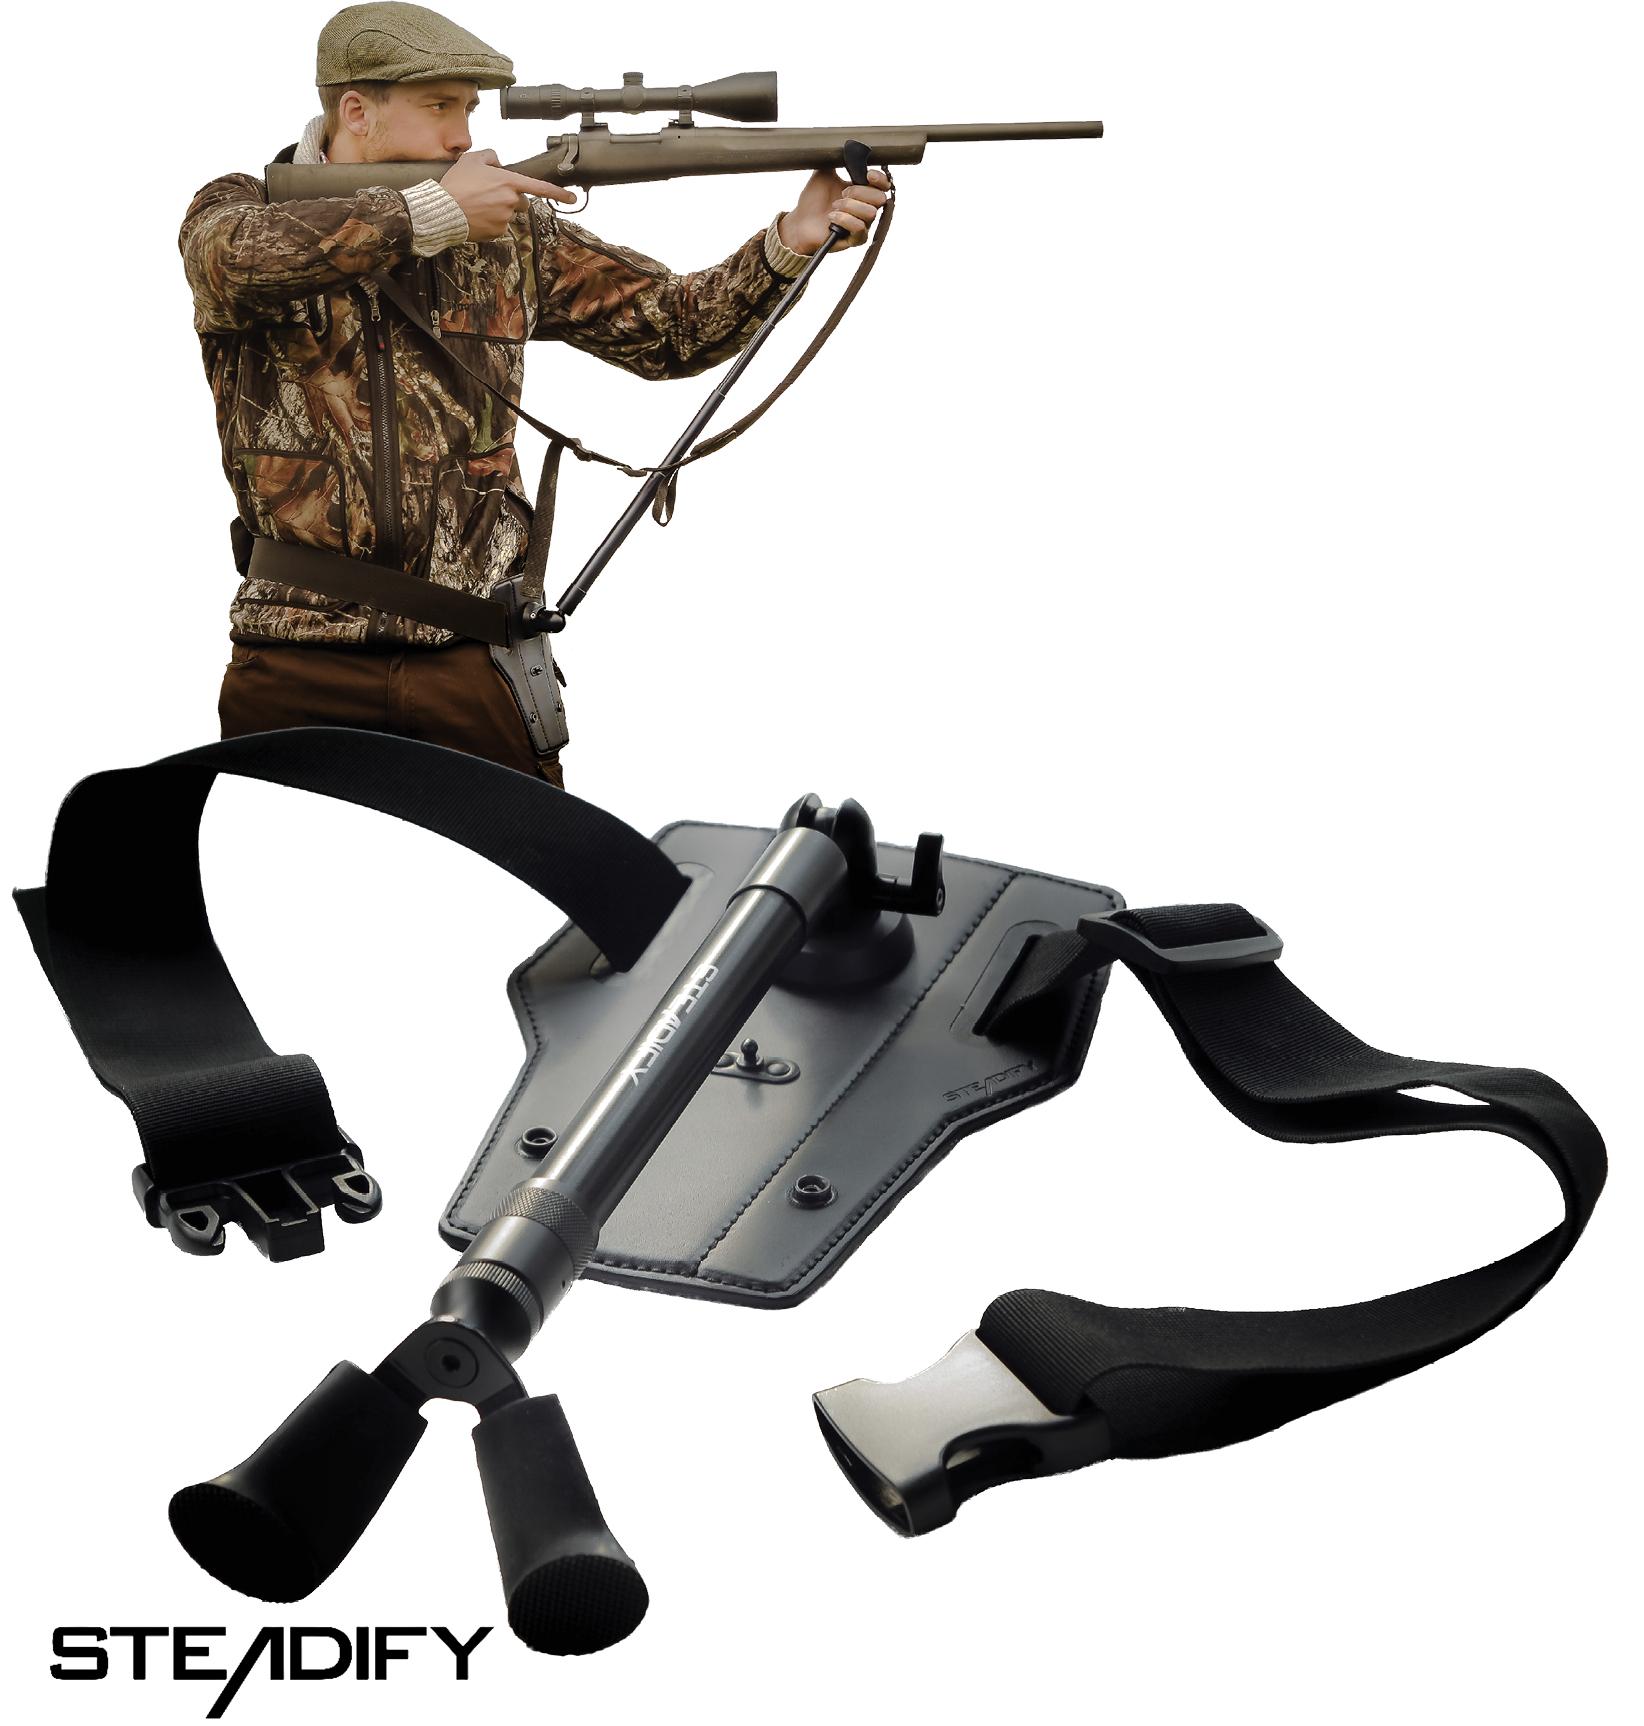 Geschenke für Jäger Steadfiy Zielstock